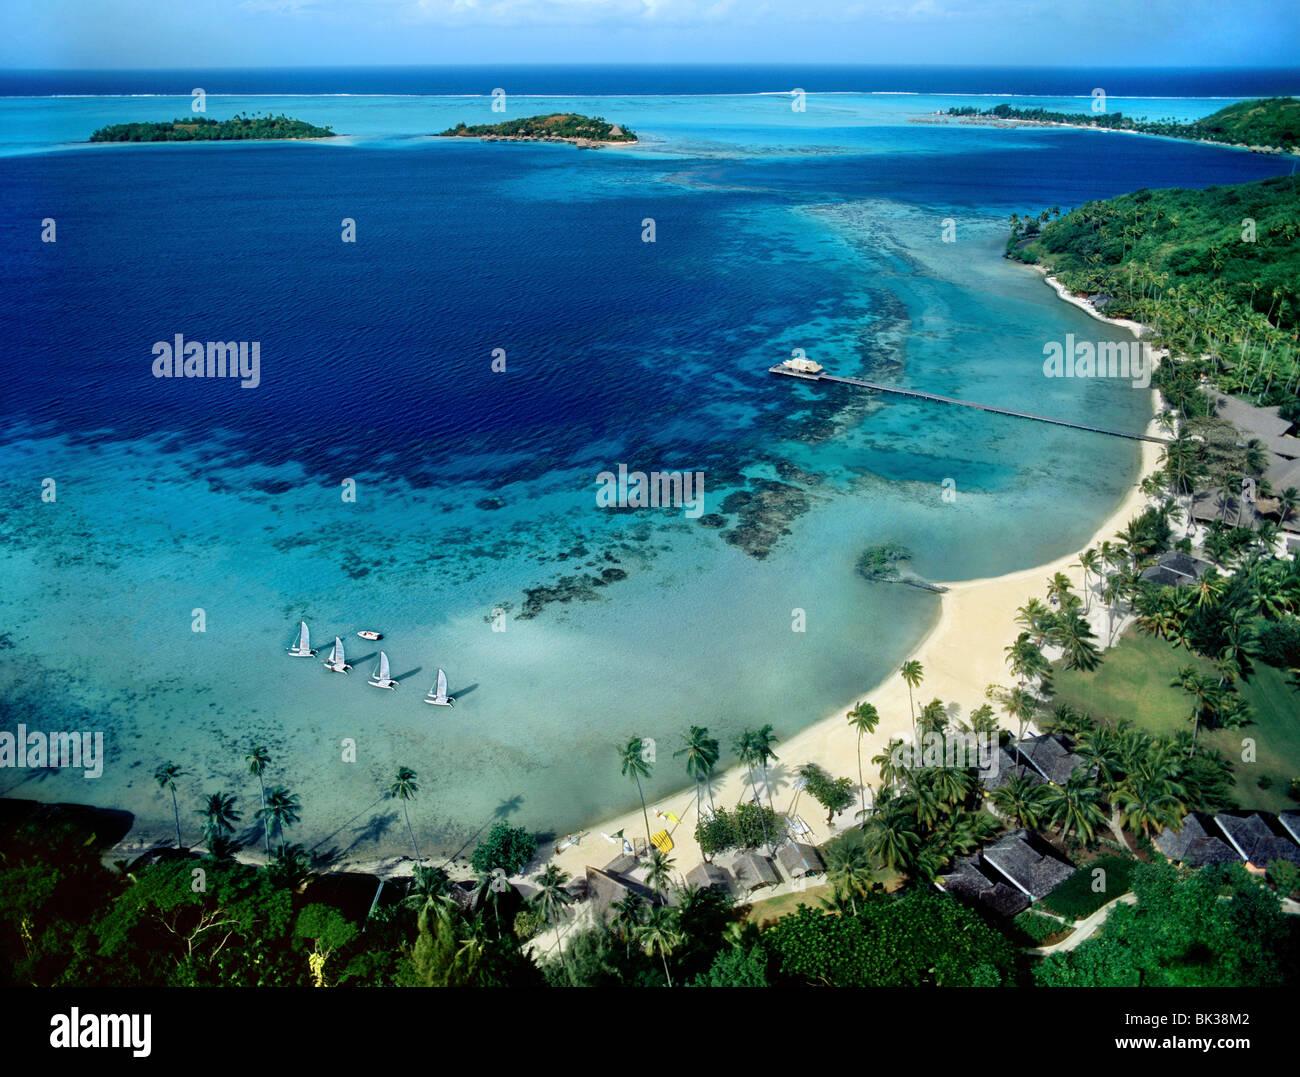 Strand-Blick auf Bora Bora, Gesellschaftsinseln, Französisch-Polynesien, Südsee, Pazifik Stockbild